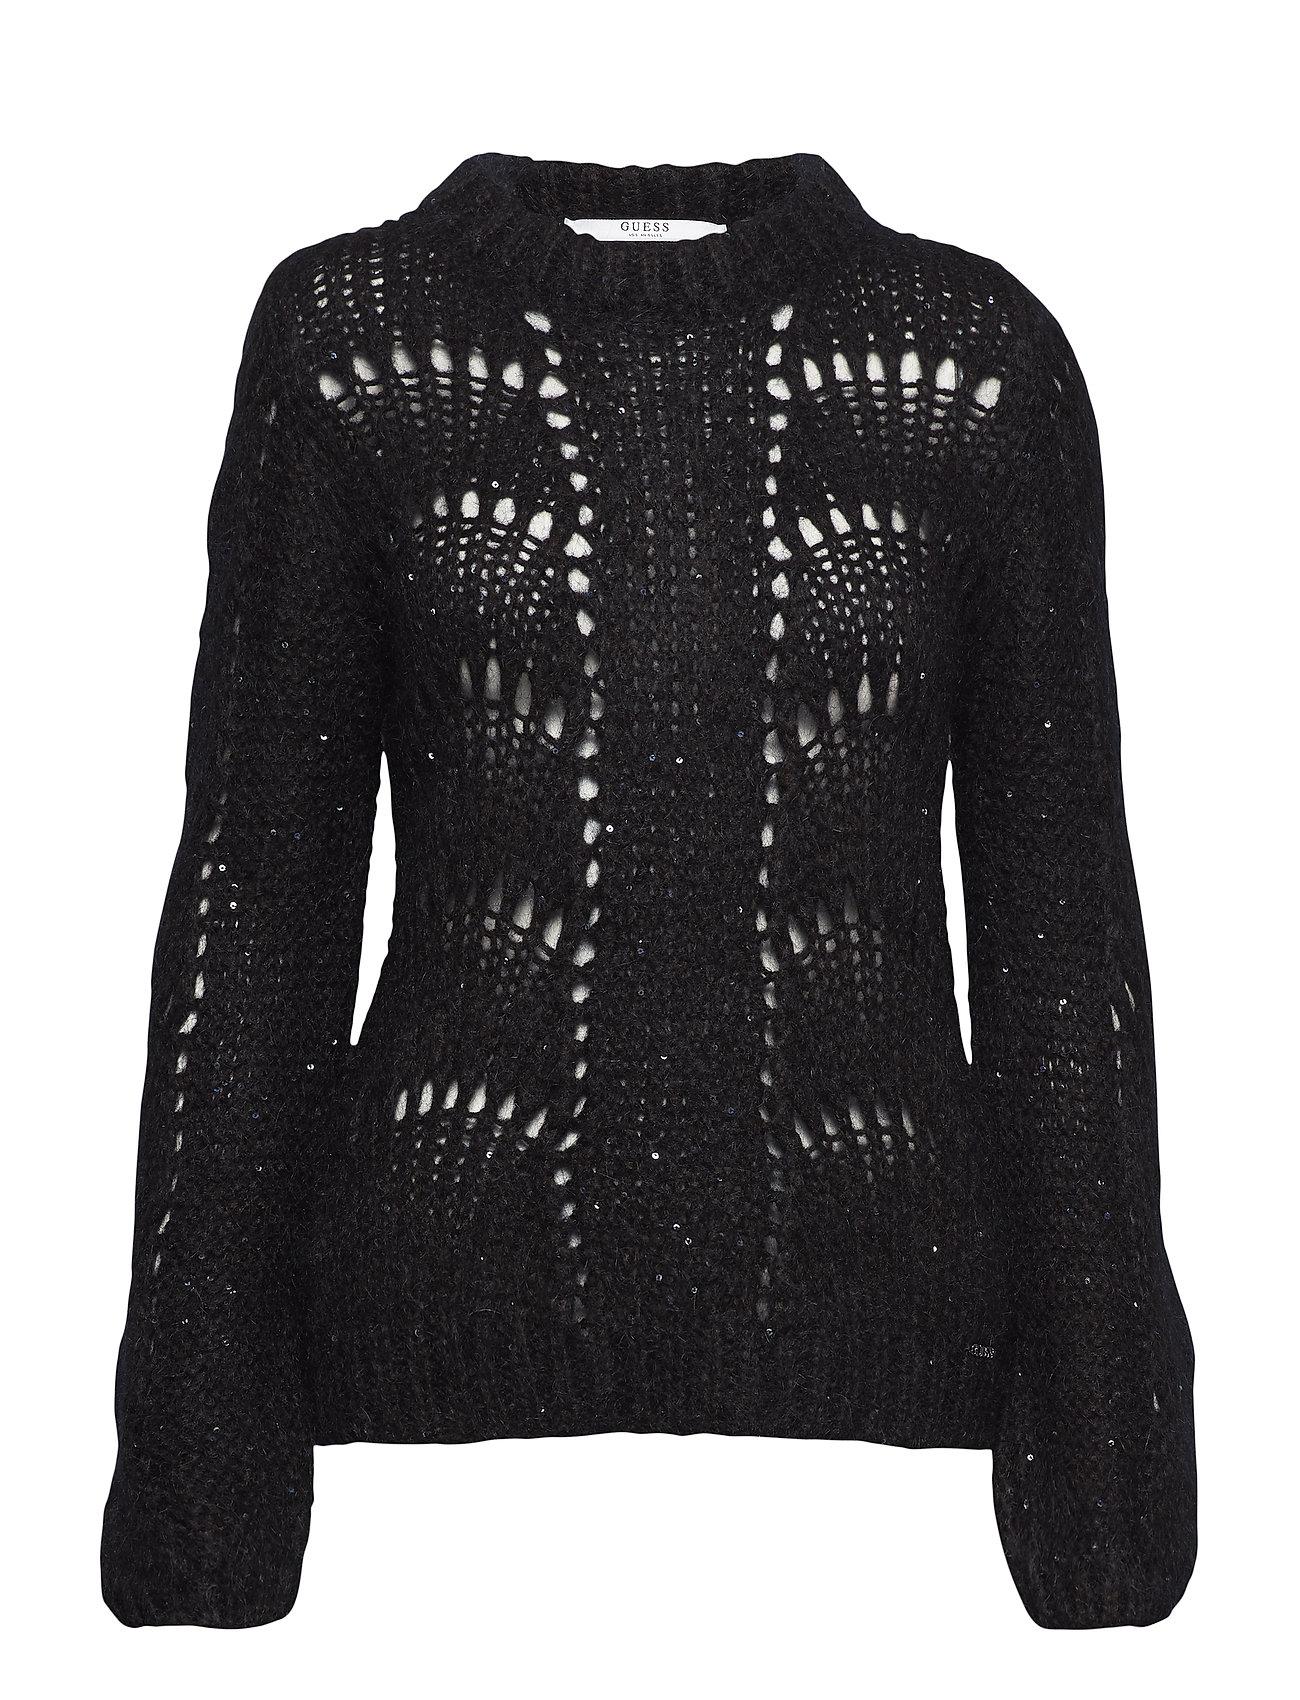 GUESS Jeans LS RN RITA SWEATER - JET BLACK A996